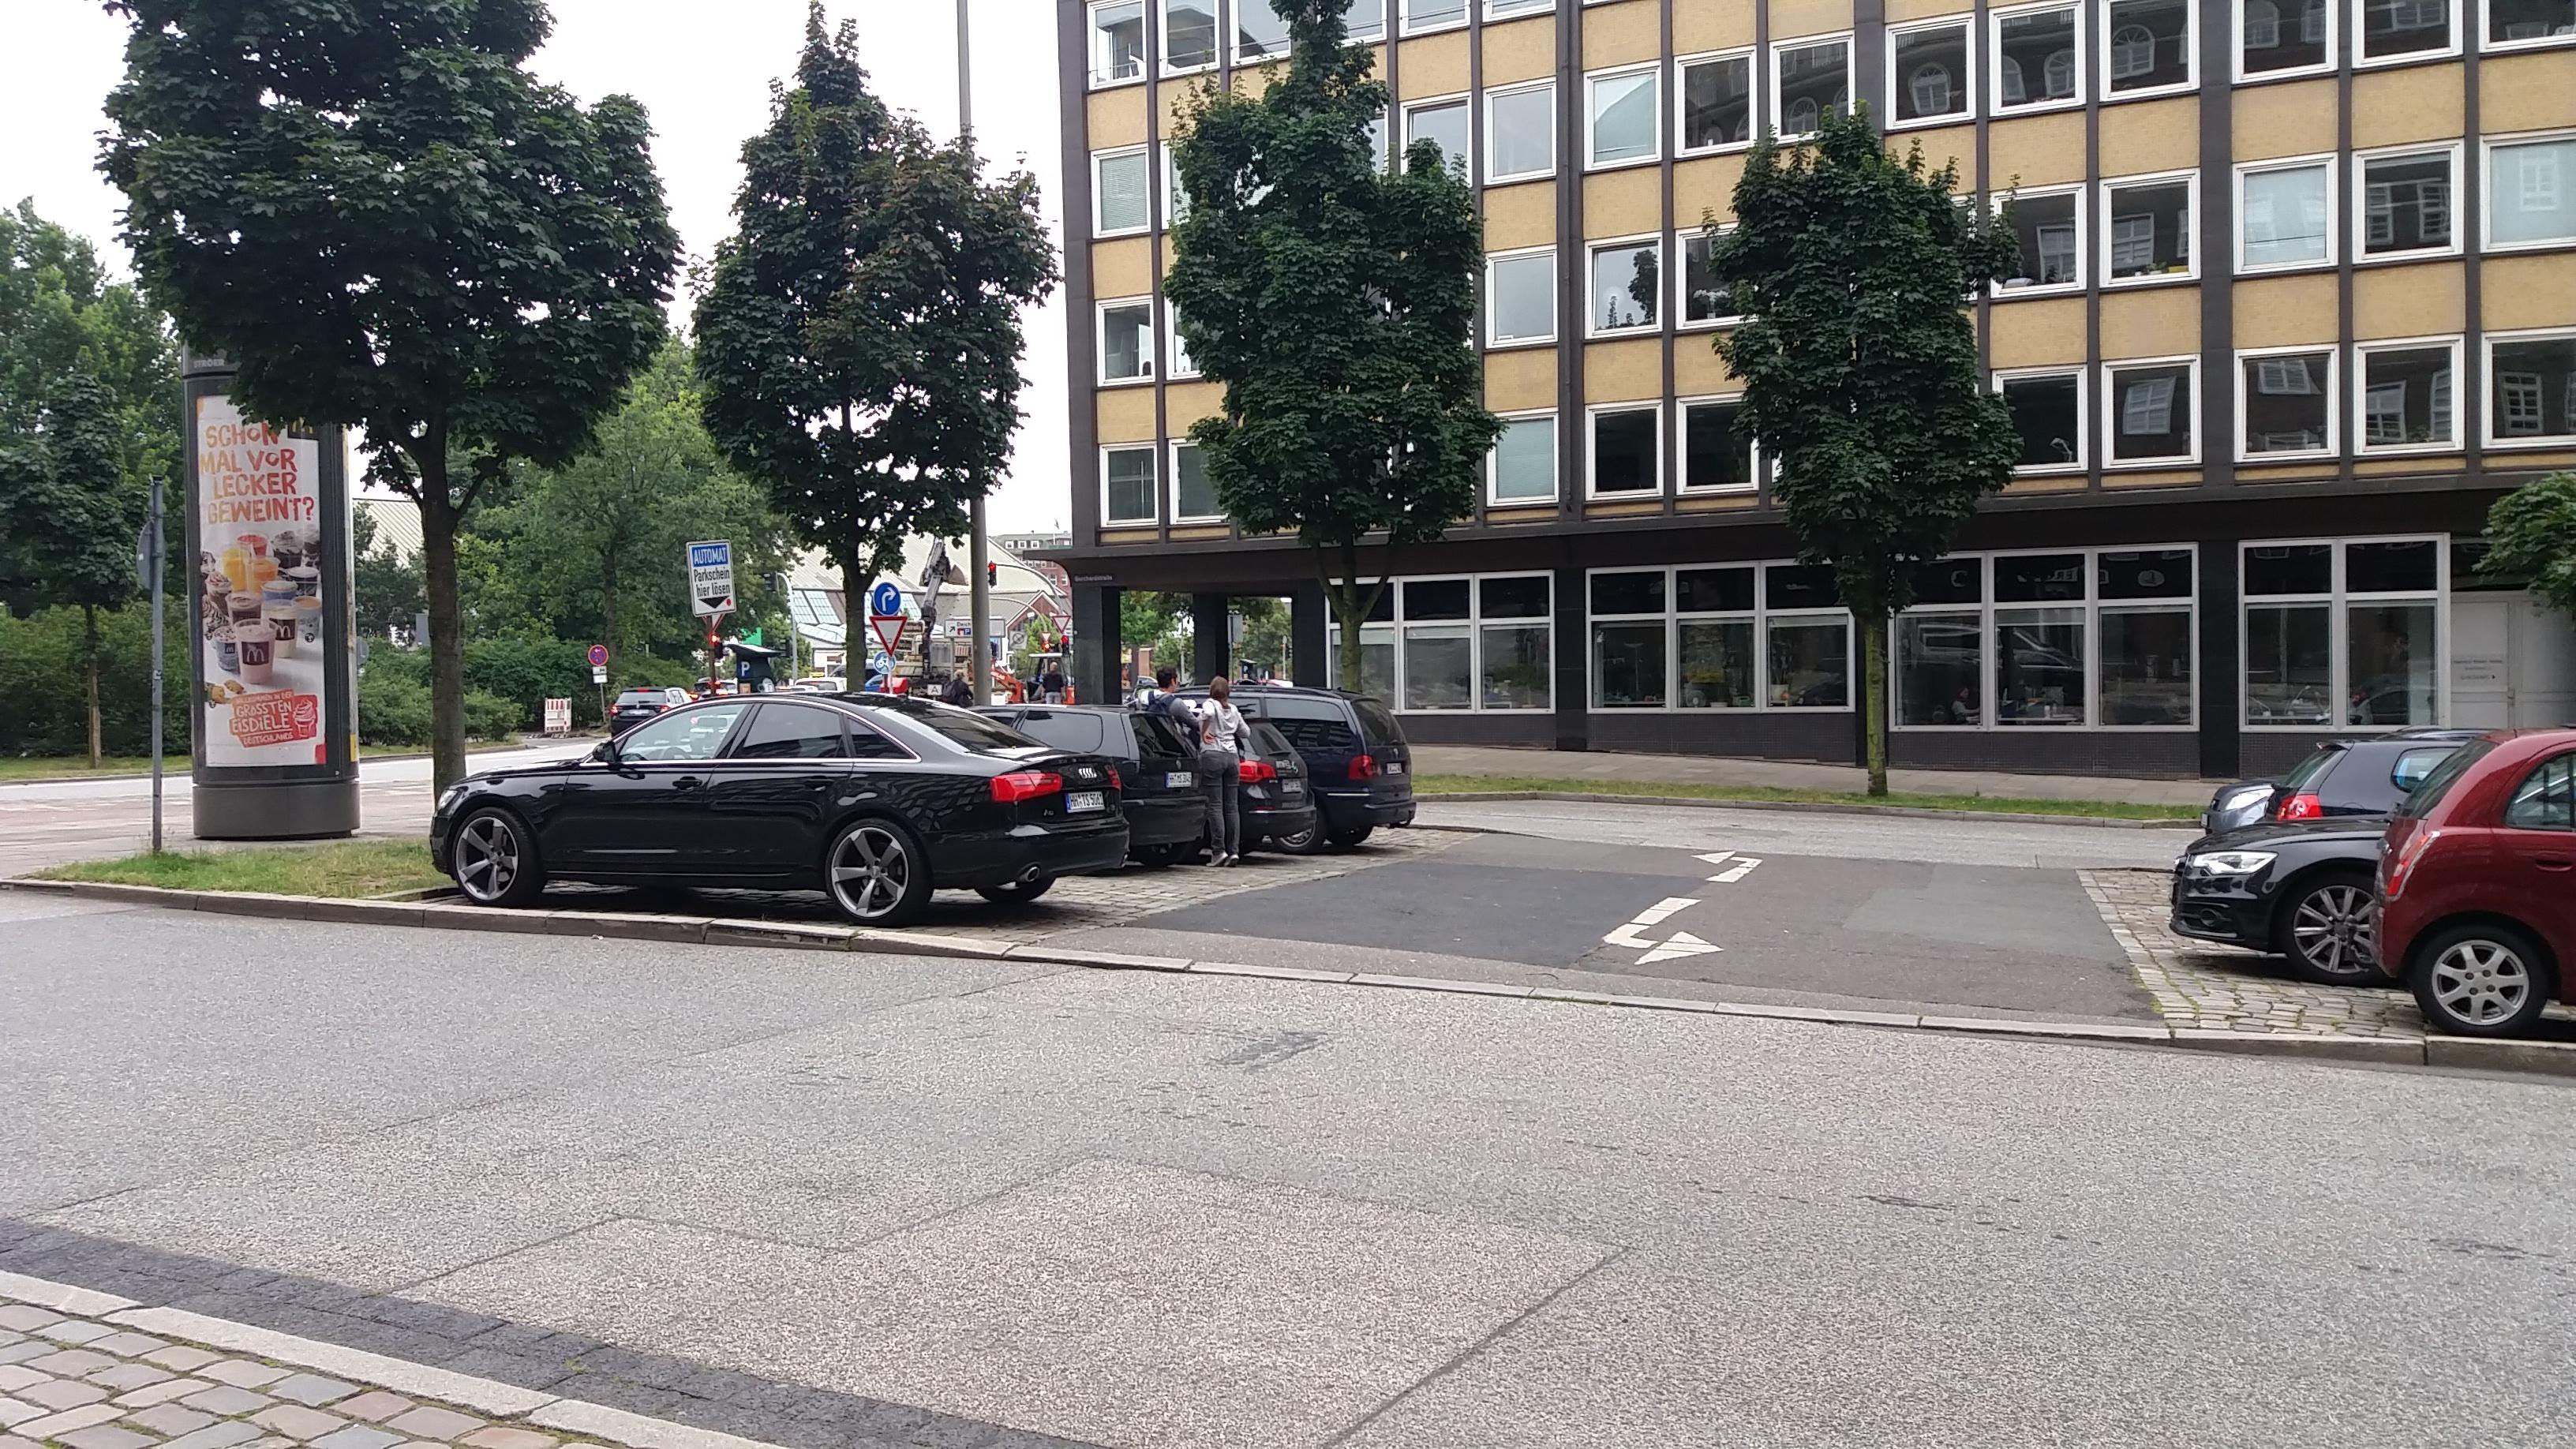 burchardstra e 11 parking parkplatz in hamburg parkme. Black Bedroom Furniture Sets. Home Design Ideas